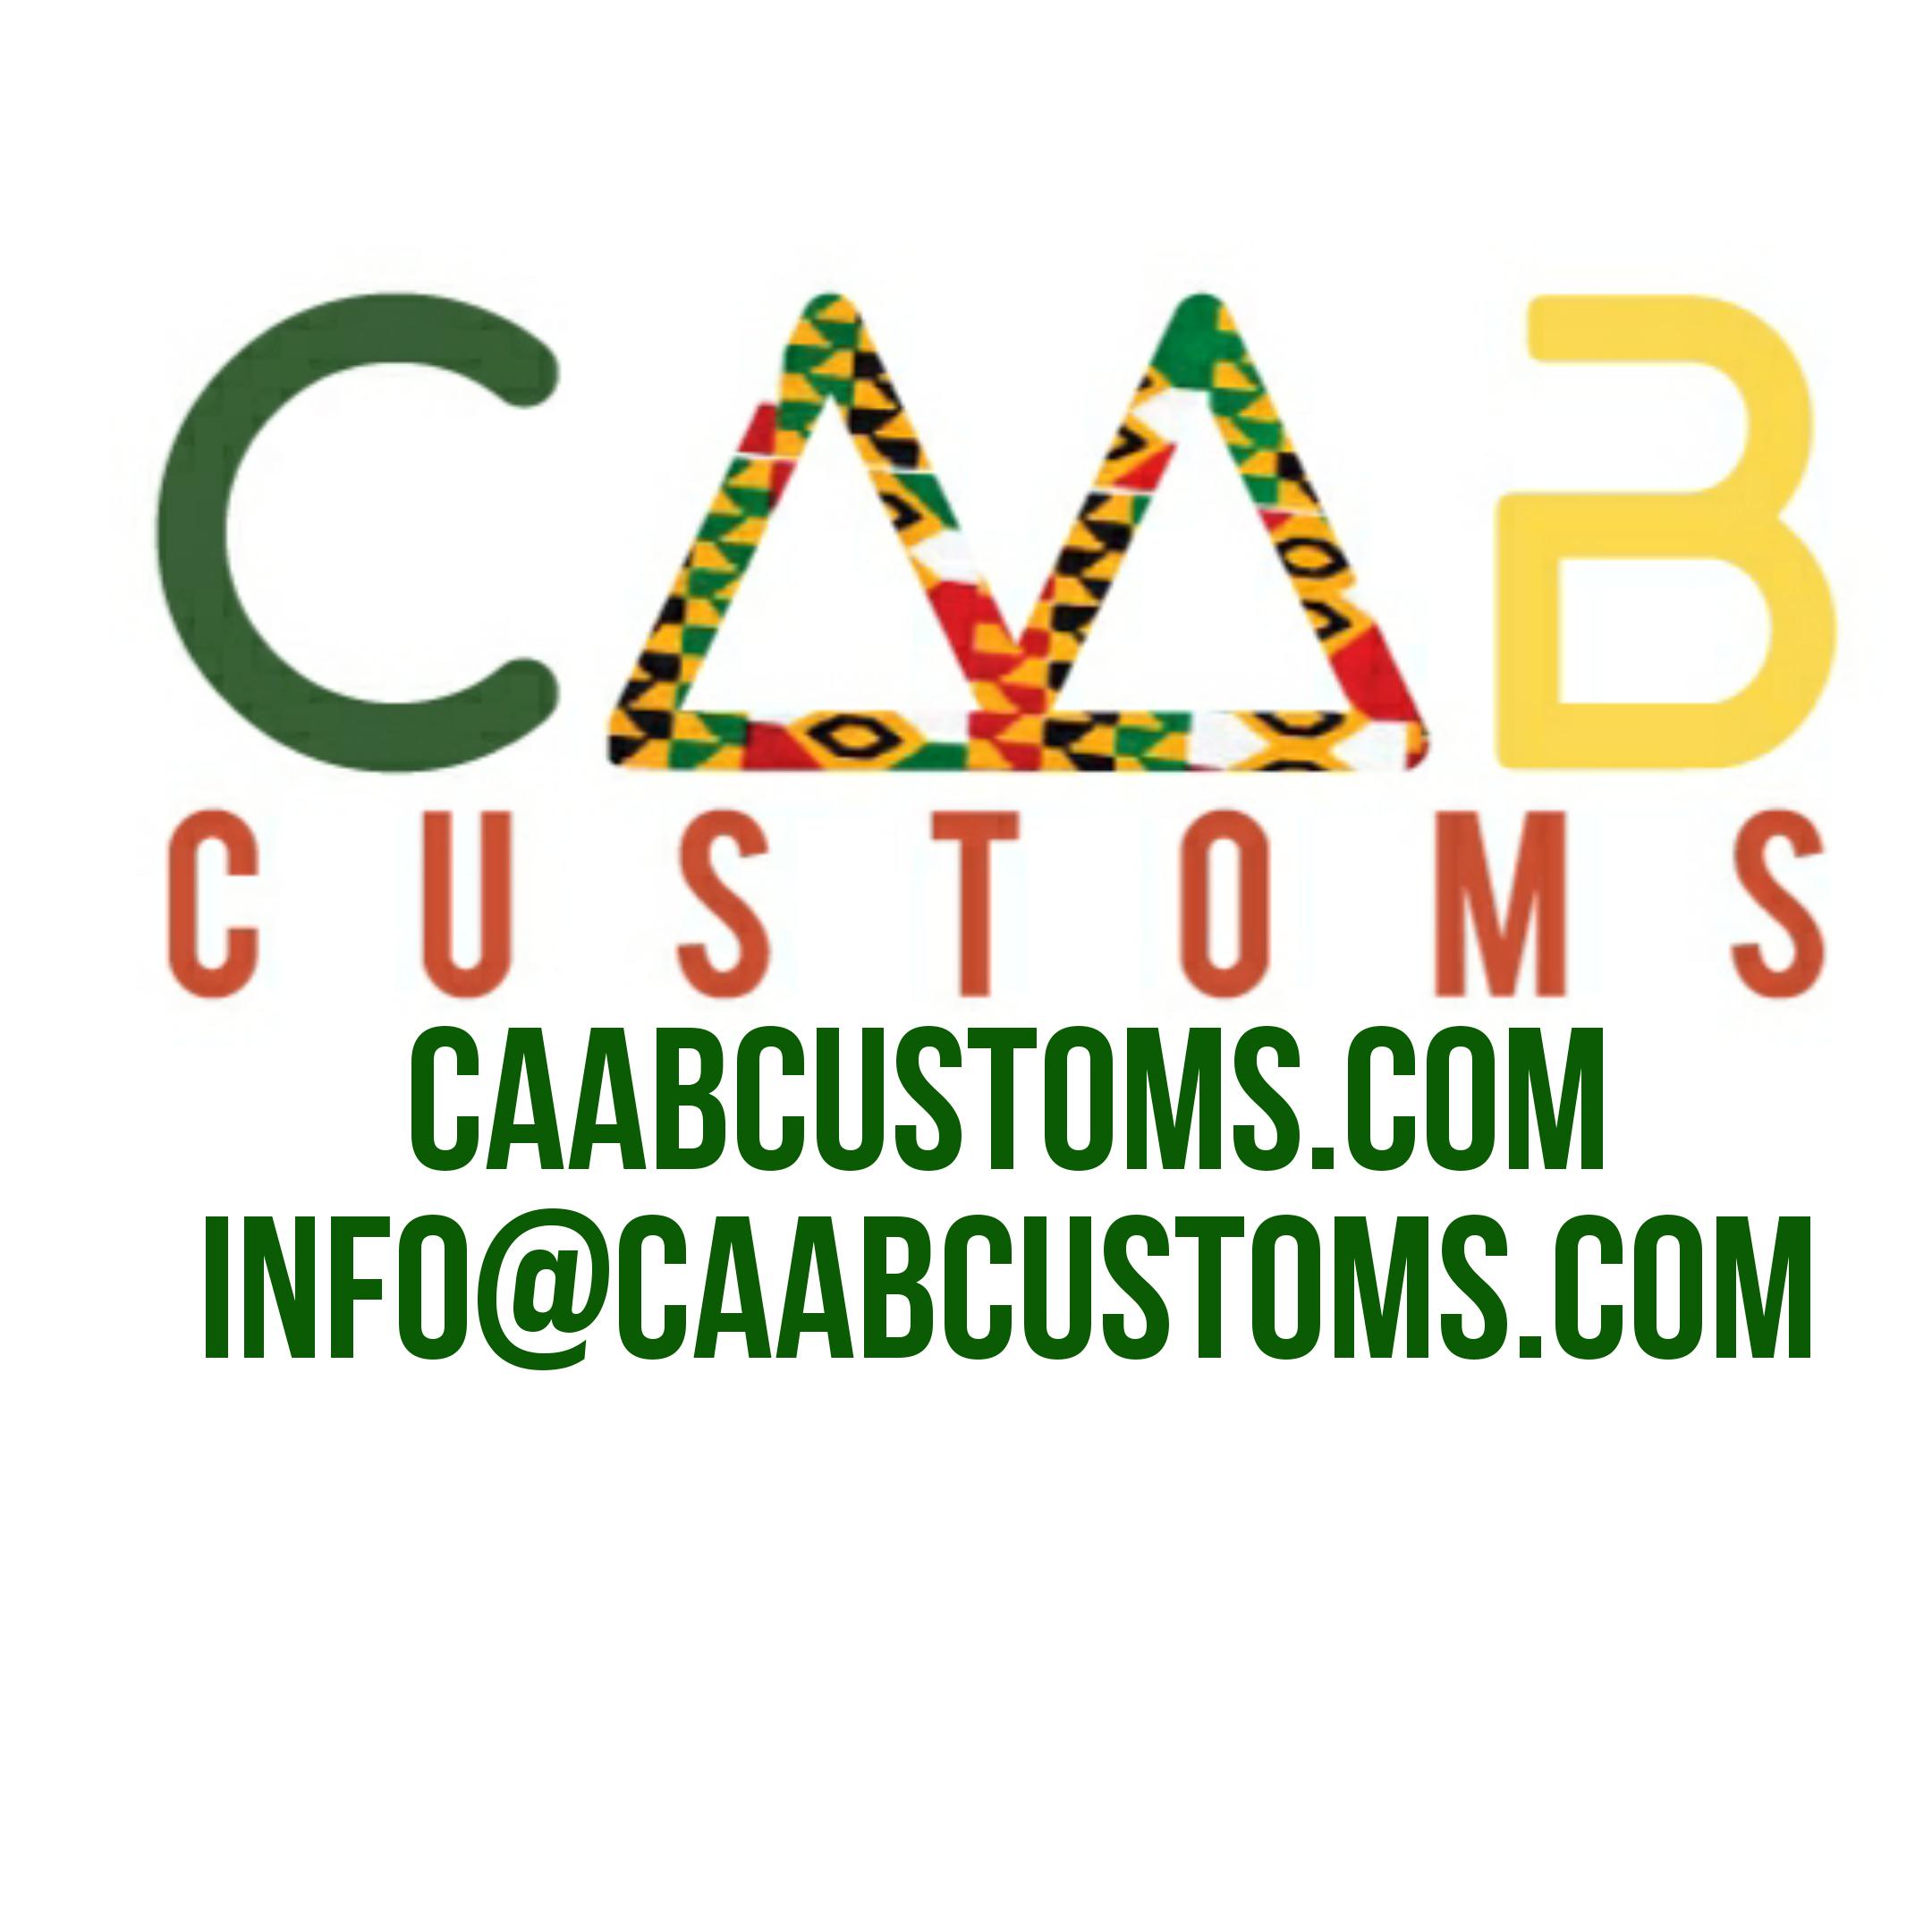 CAAB CUSTOMS